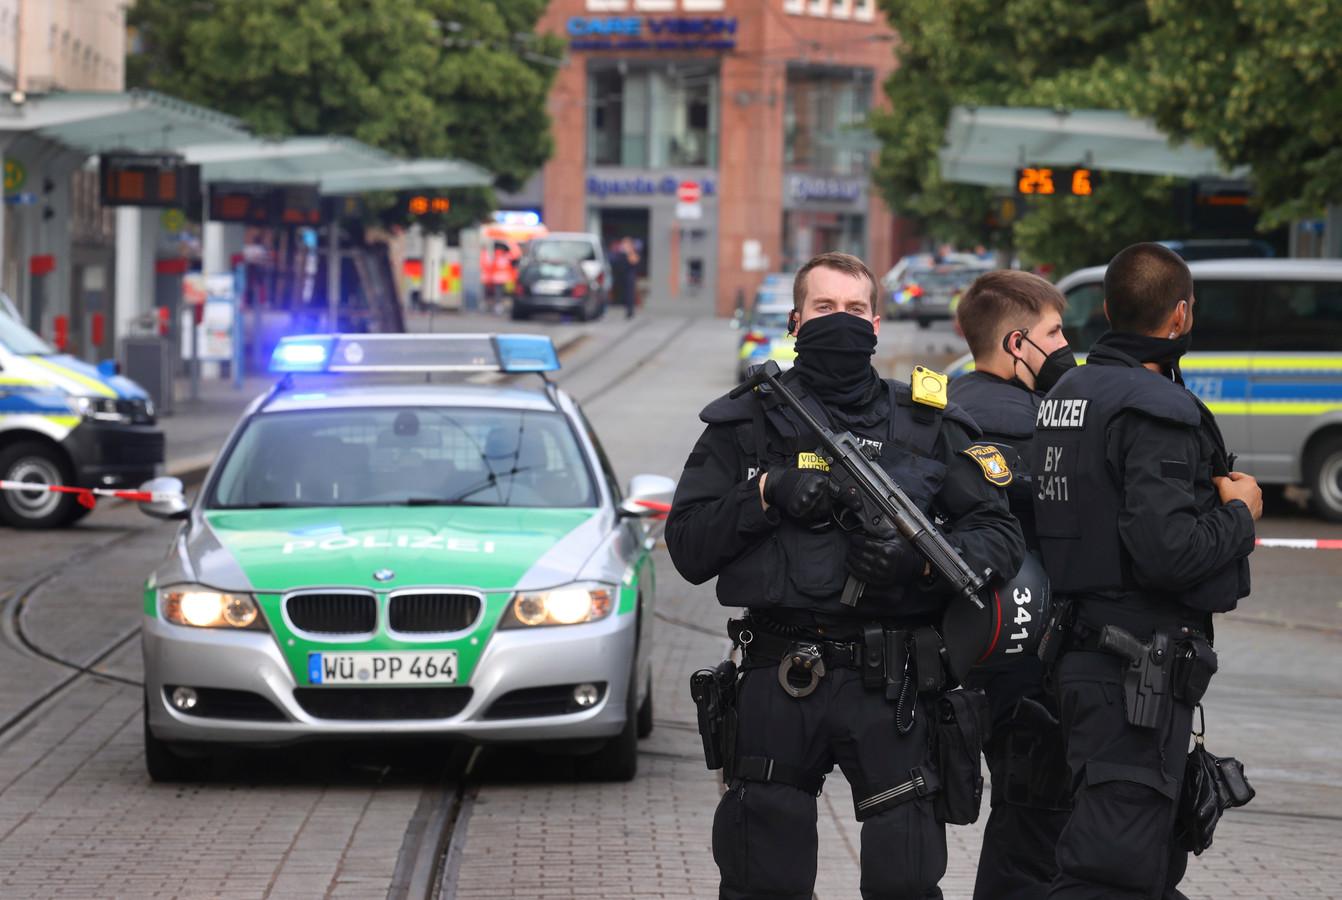 Politie op de plek van de aanslag in Wurzburg